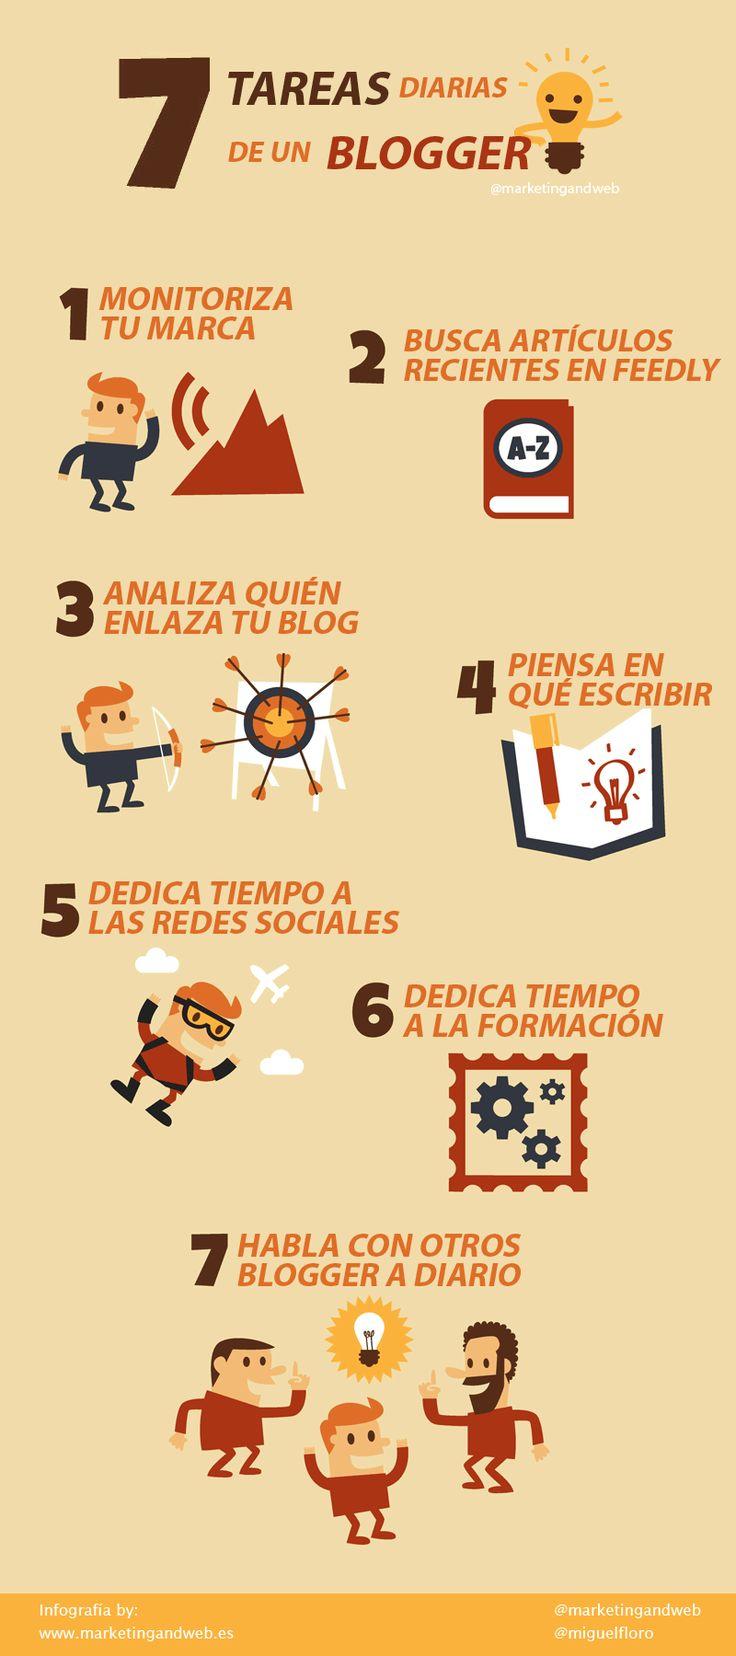 7 tareas diarias de un Blogger #infografia #infographic #socialmedia